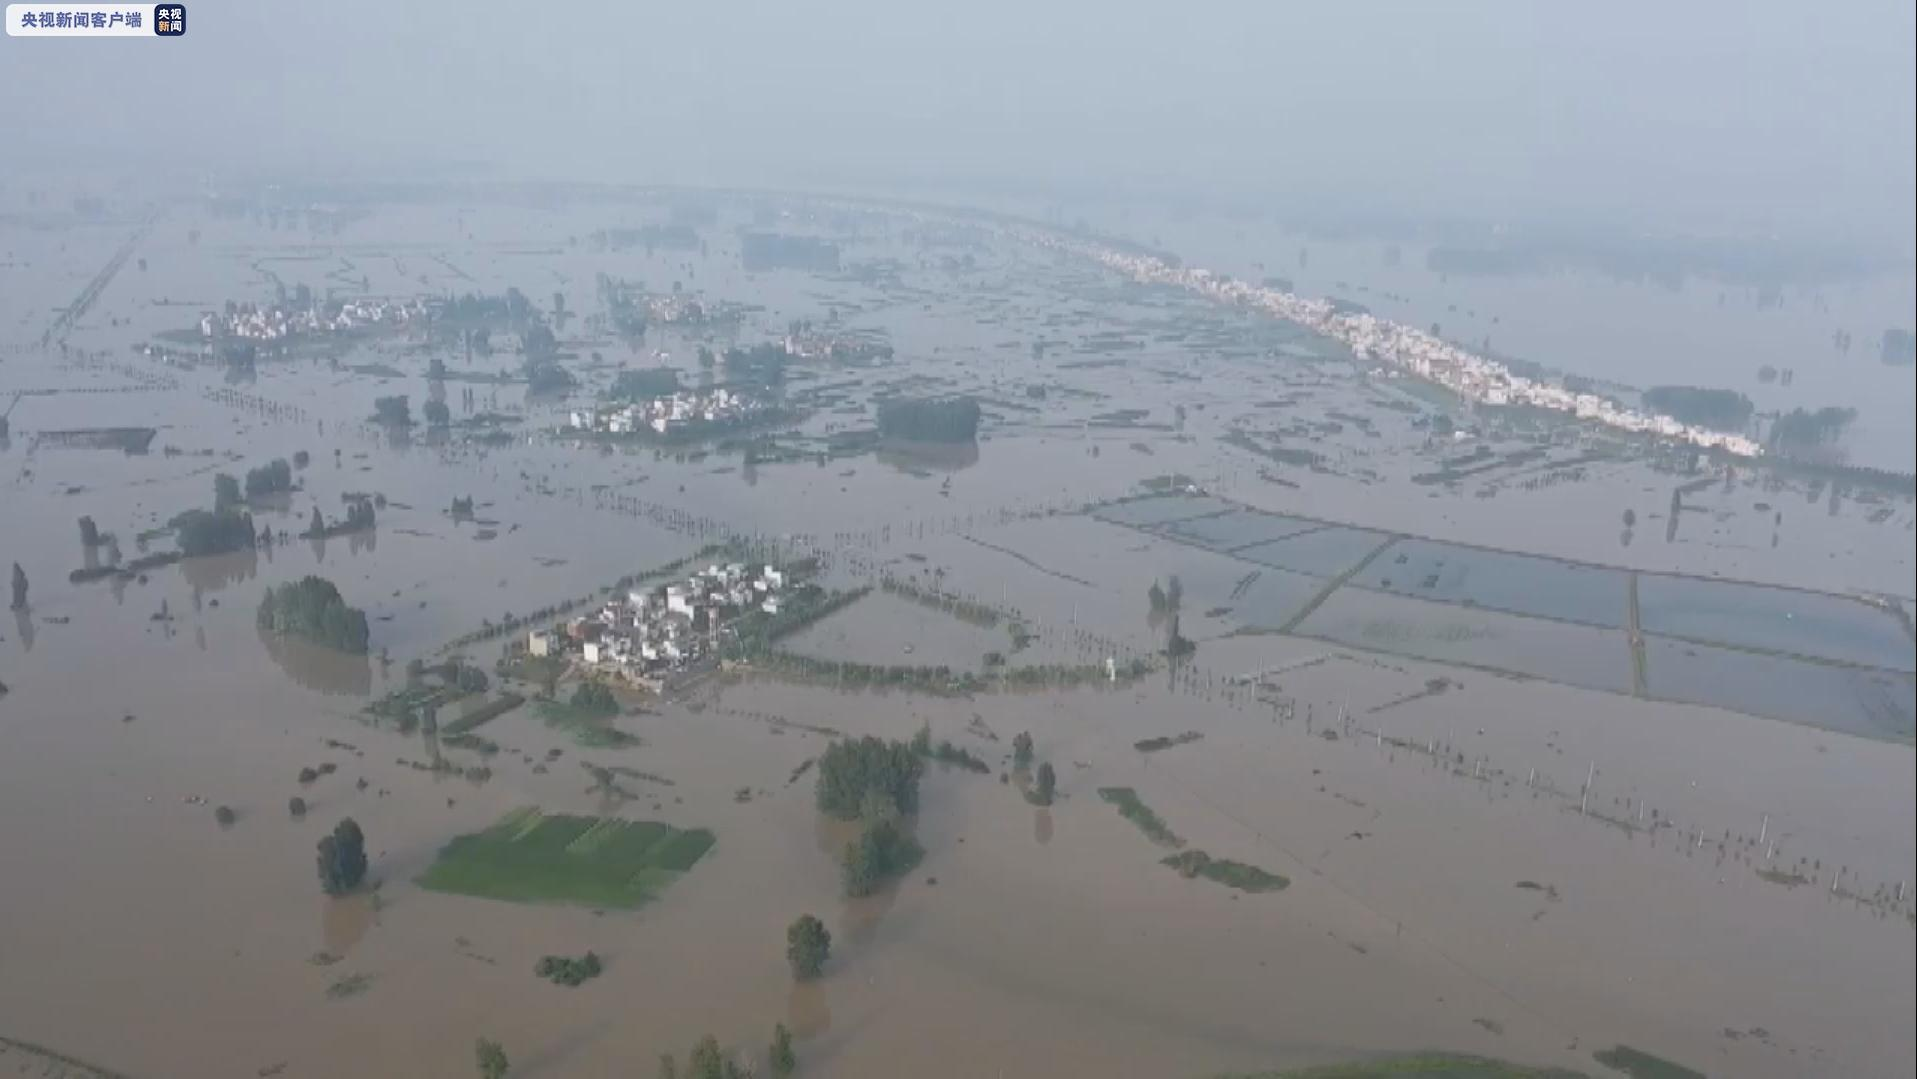 安徽强降雨已致近千万人受灾 超130万人紧急转移